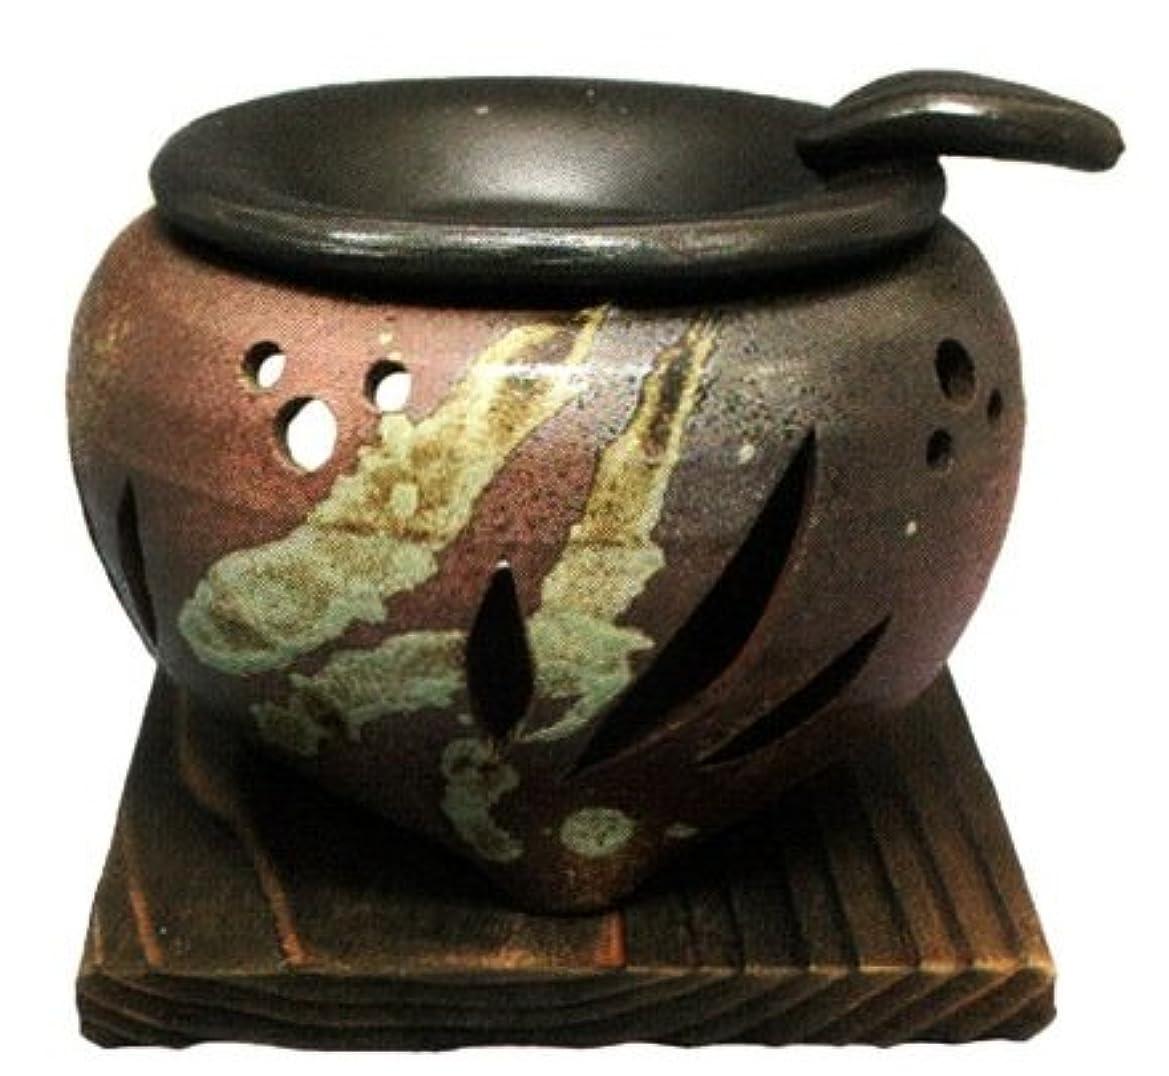 思いつくピストンつまらない常滑焼?山房窯 カ39-04 茶香炉 杉板付 約φ11.5×9.5cm